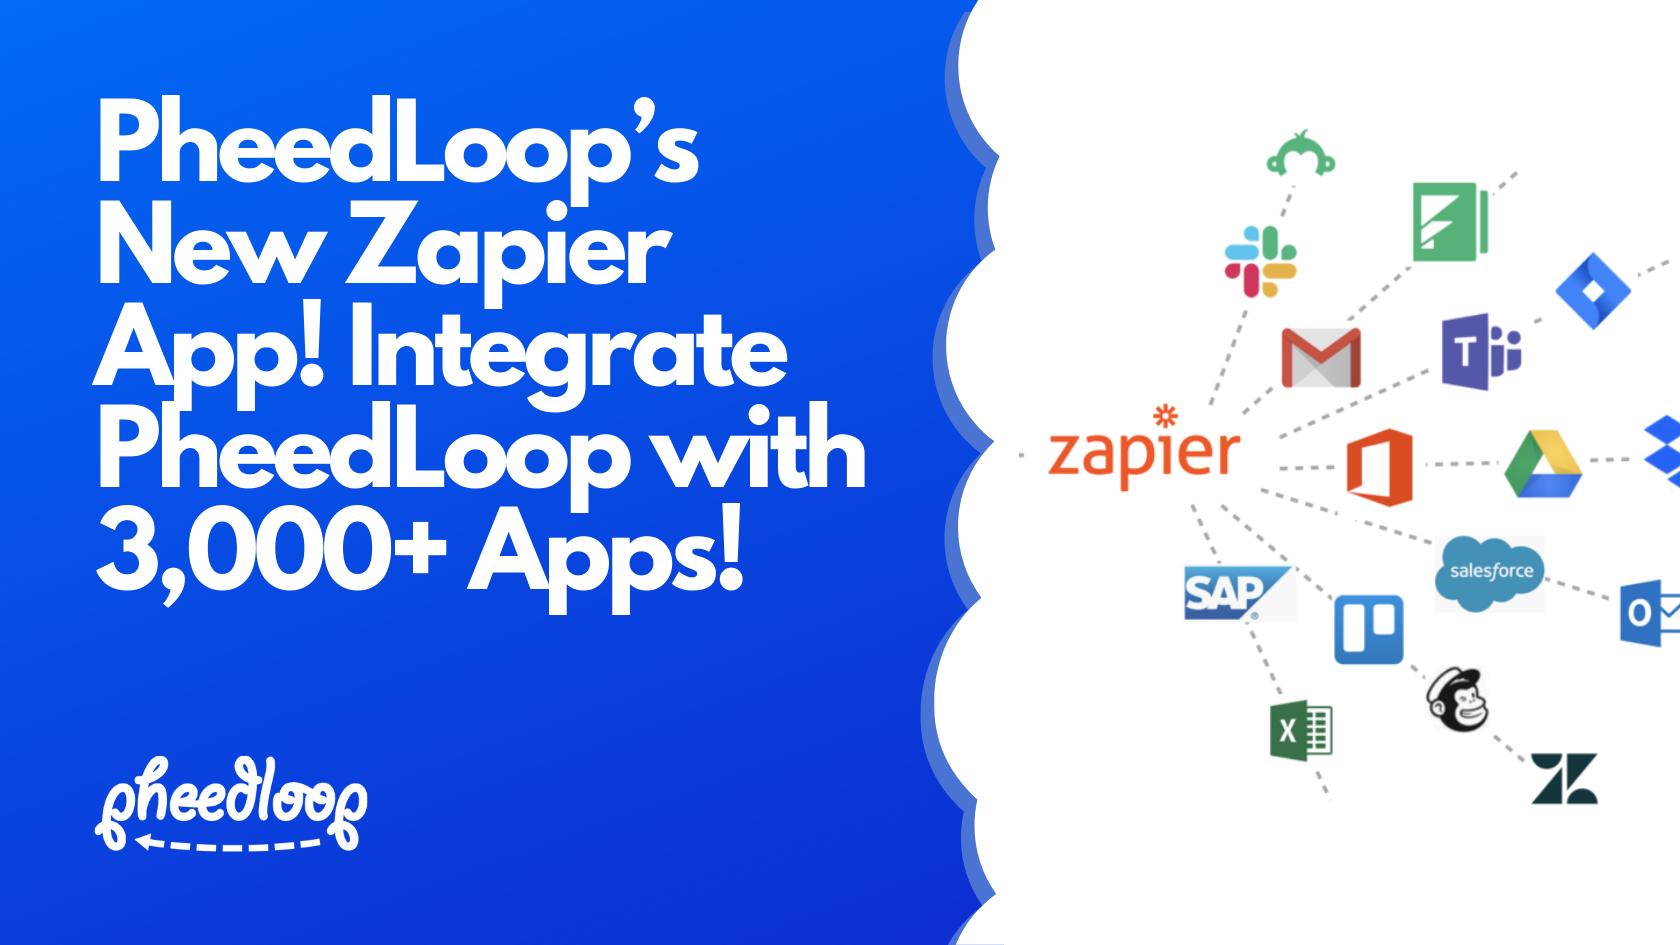 PheedLoop's New Zapier App! Integrate PheedLoop with 3,000+ Apps Using a Drag & Drop Builder!